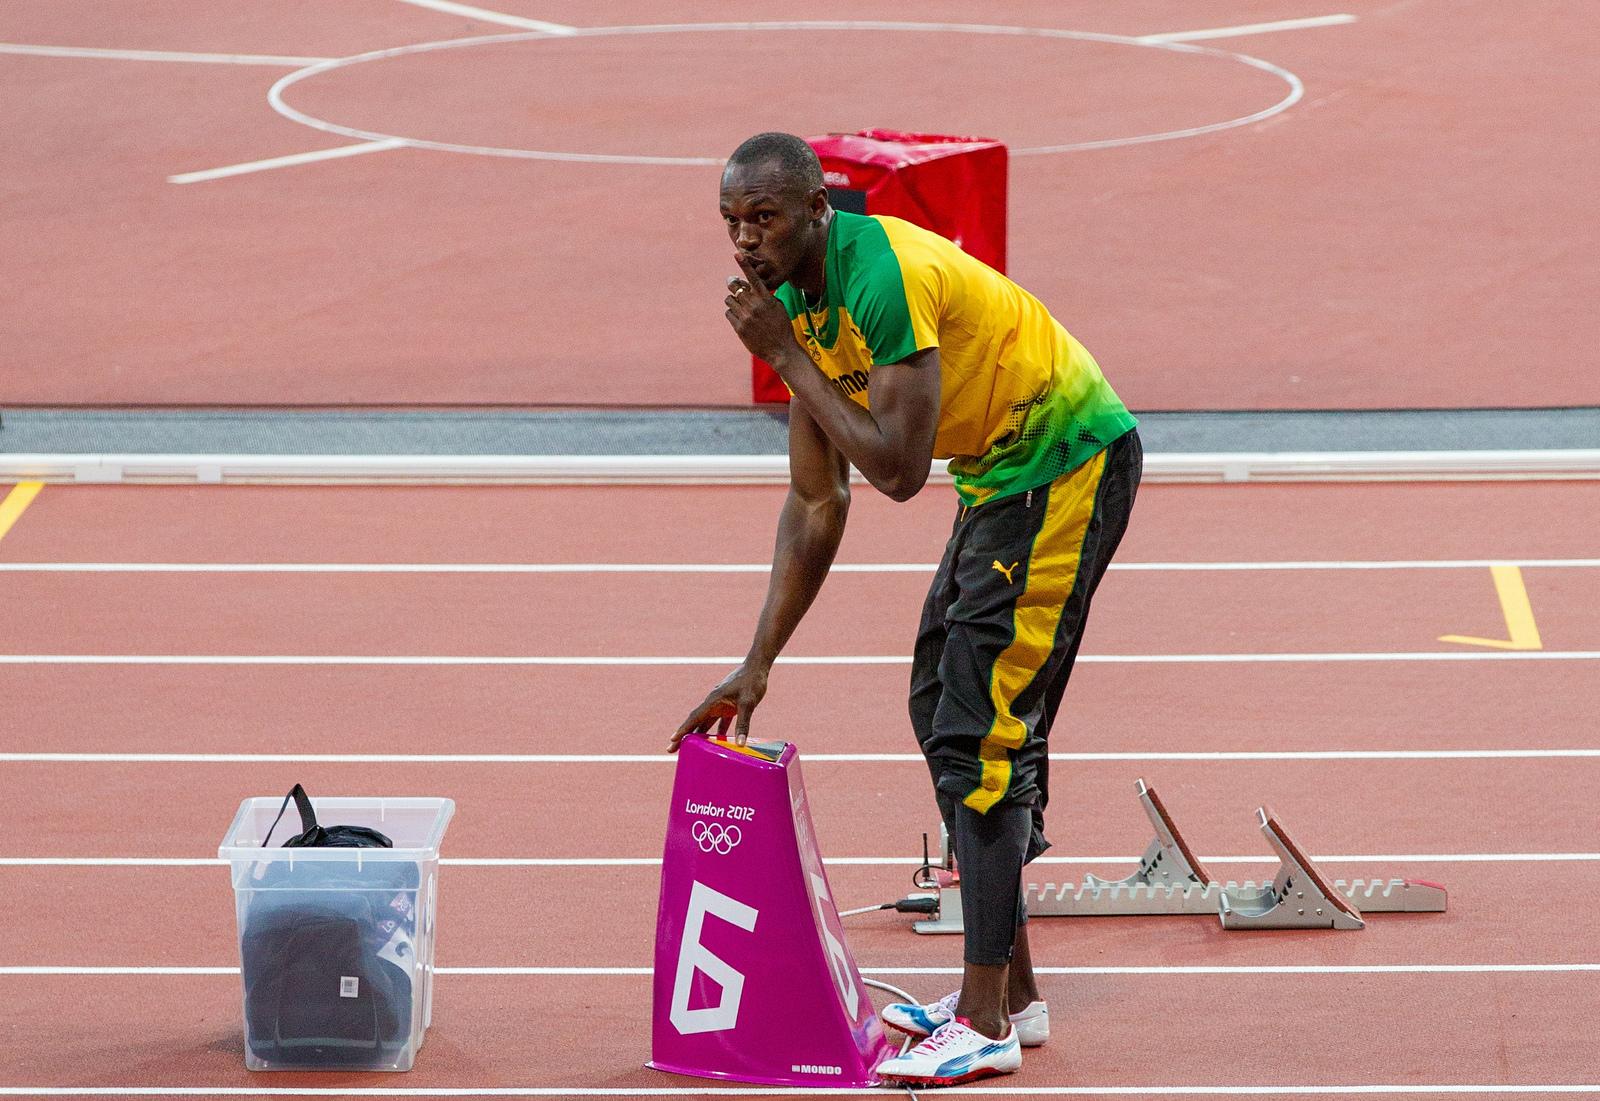 Популярный ямайский спринтер Усейн Болт сыграет вматче легендМЮ и«Барселоны»